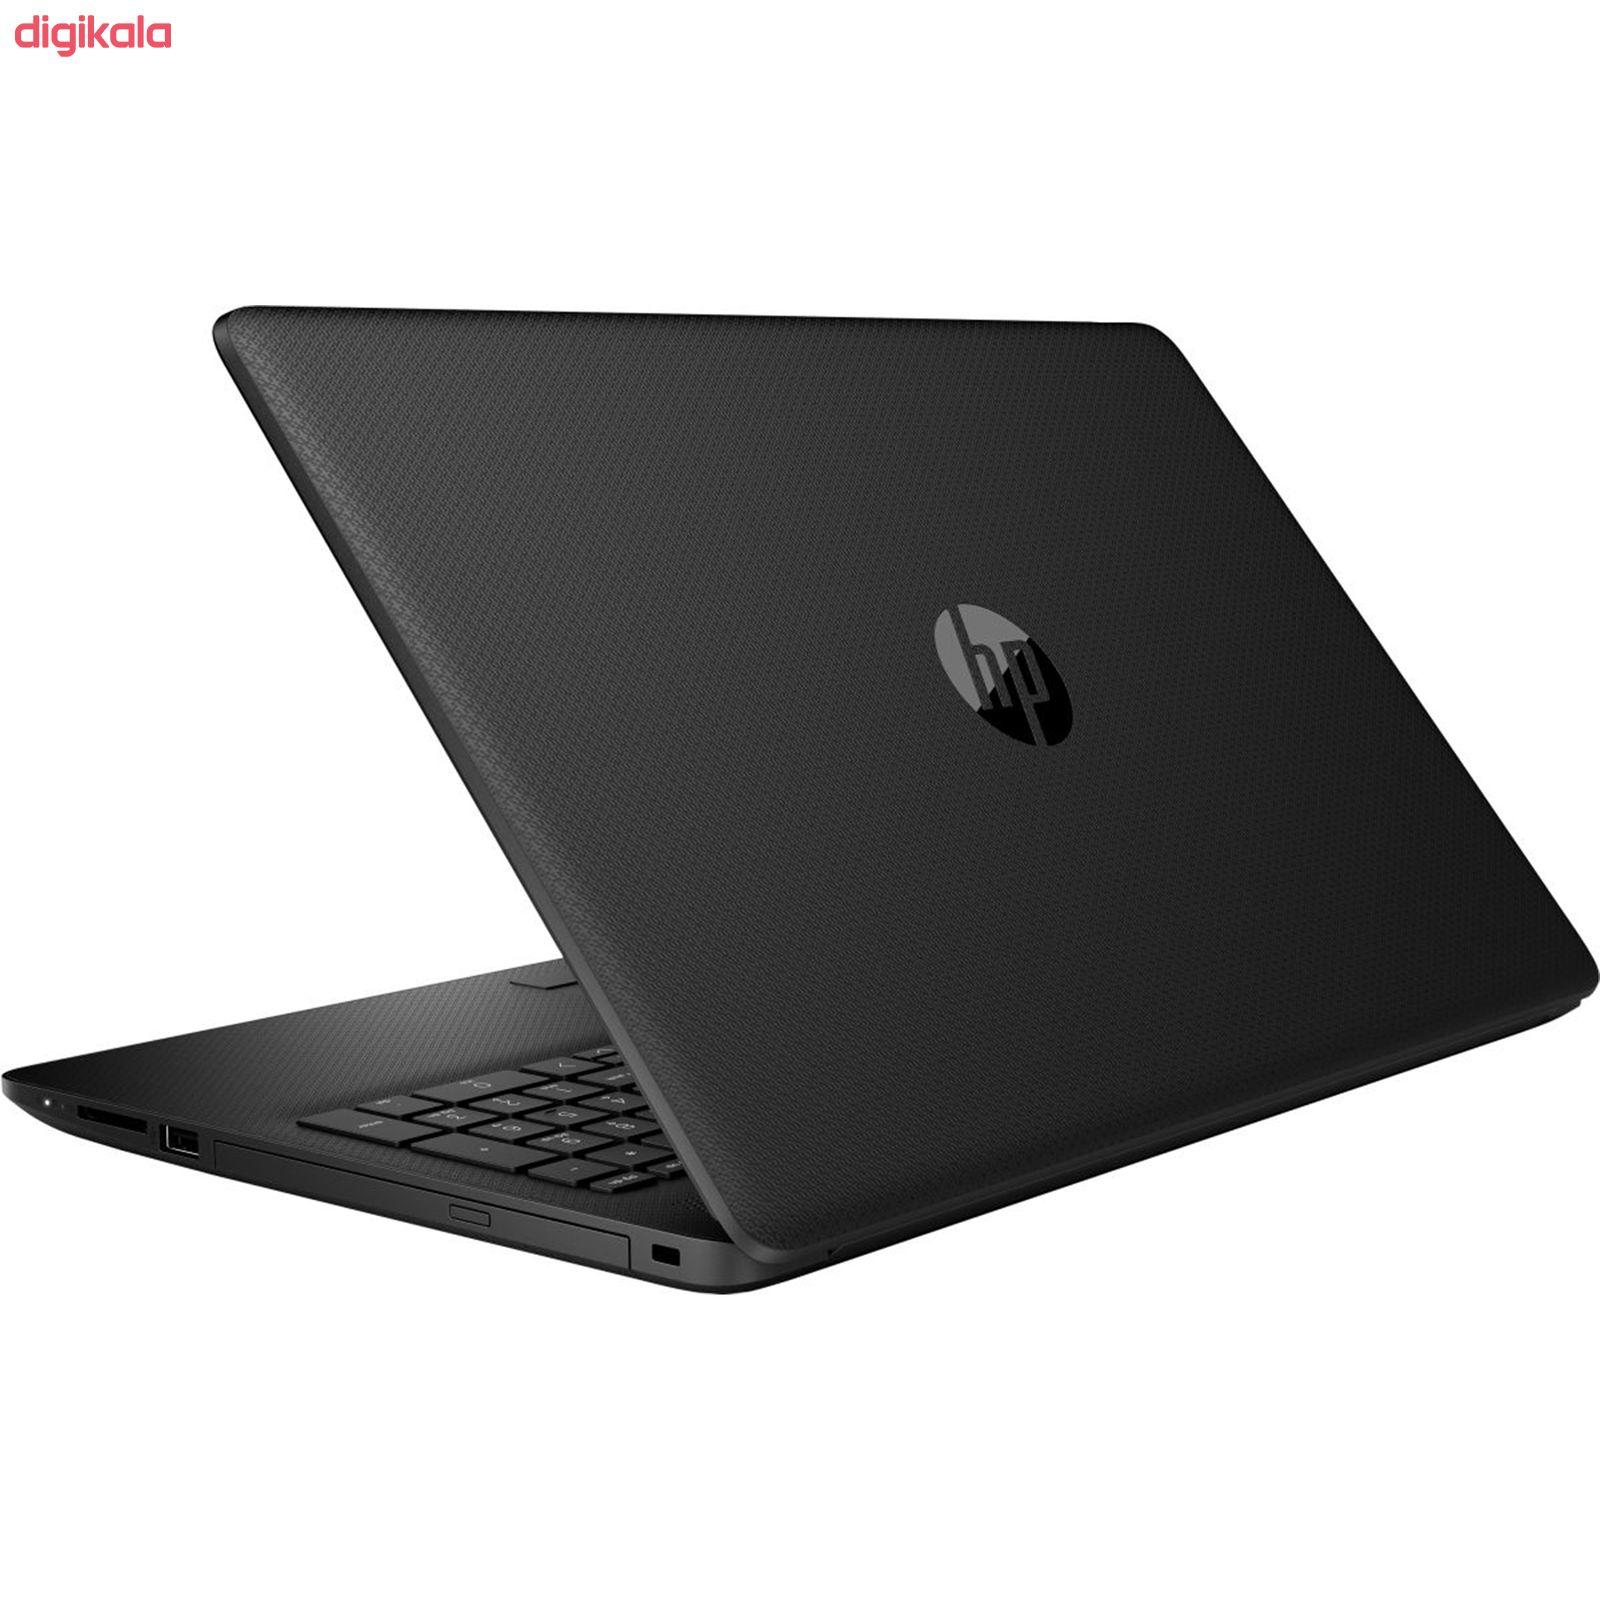 لپ تاپ 15 اینچی اچ پی مدل DA2183-B